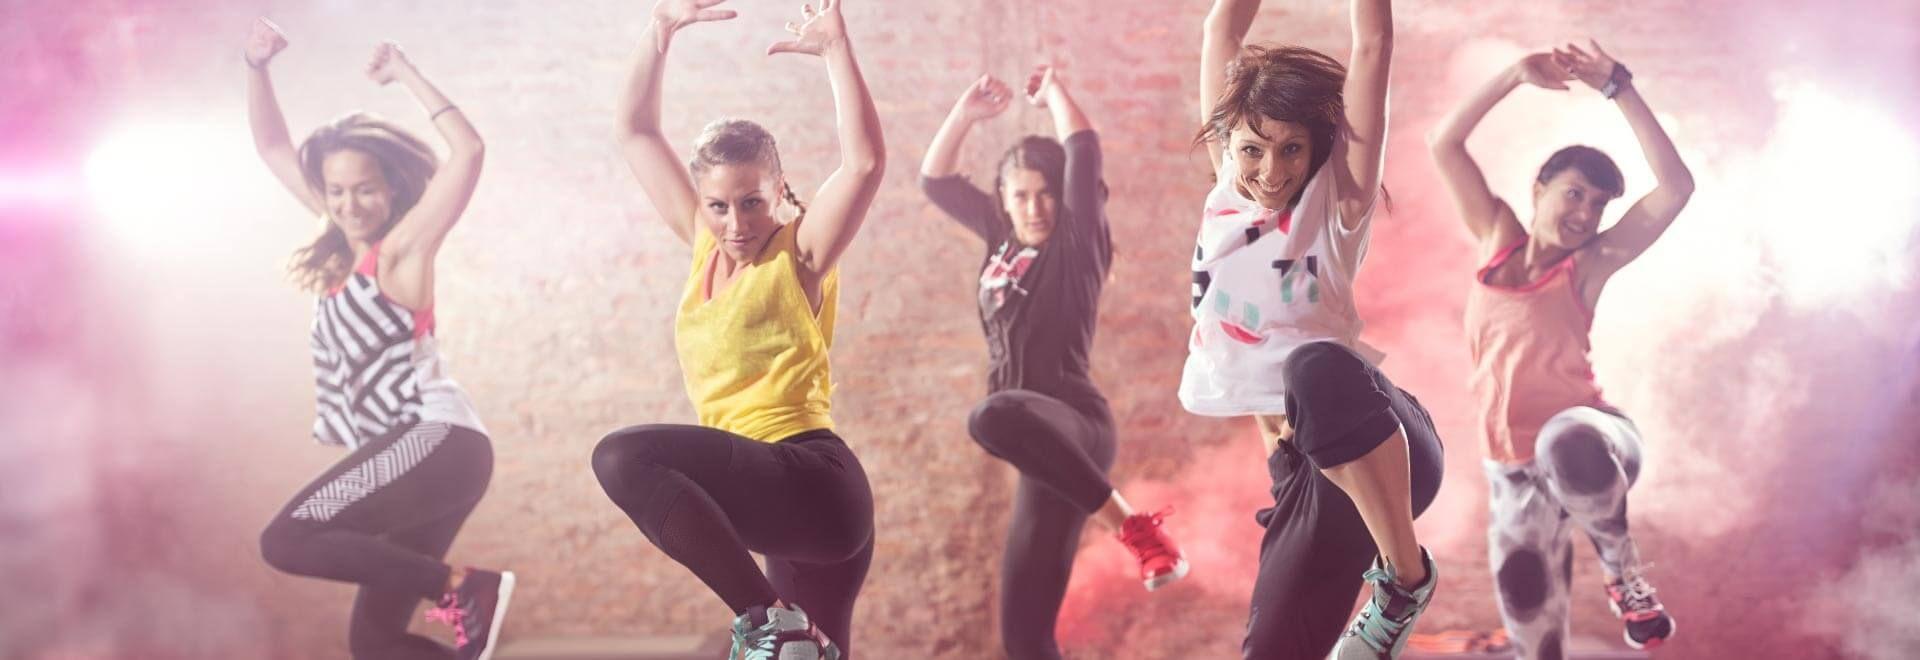 Fünf junge Frauen tanzen Hip-Hop